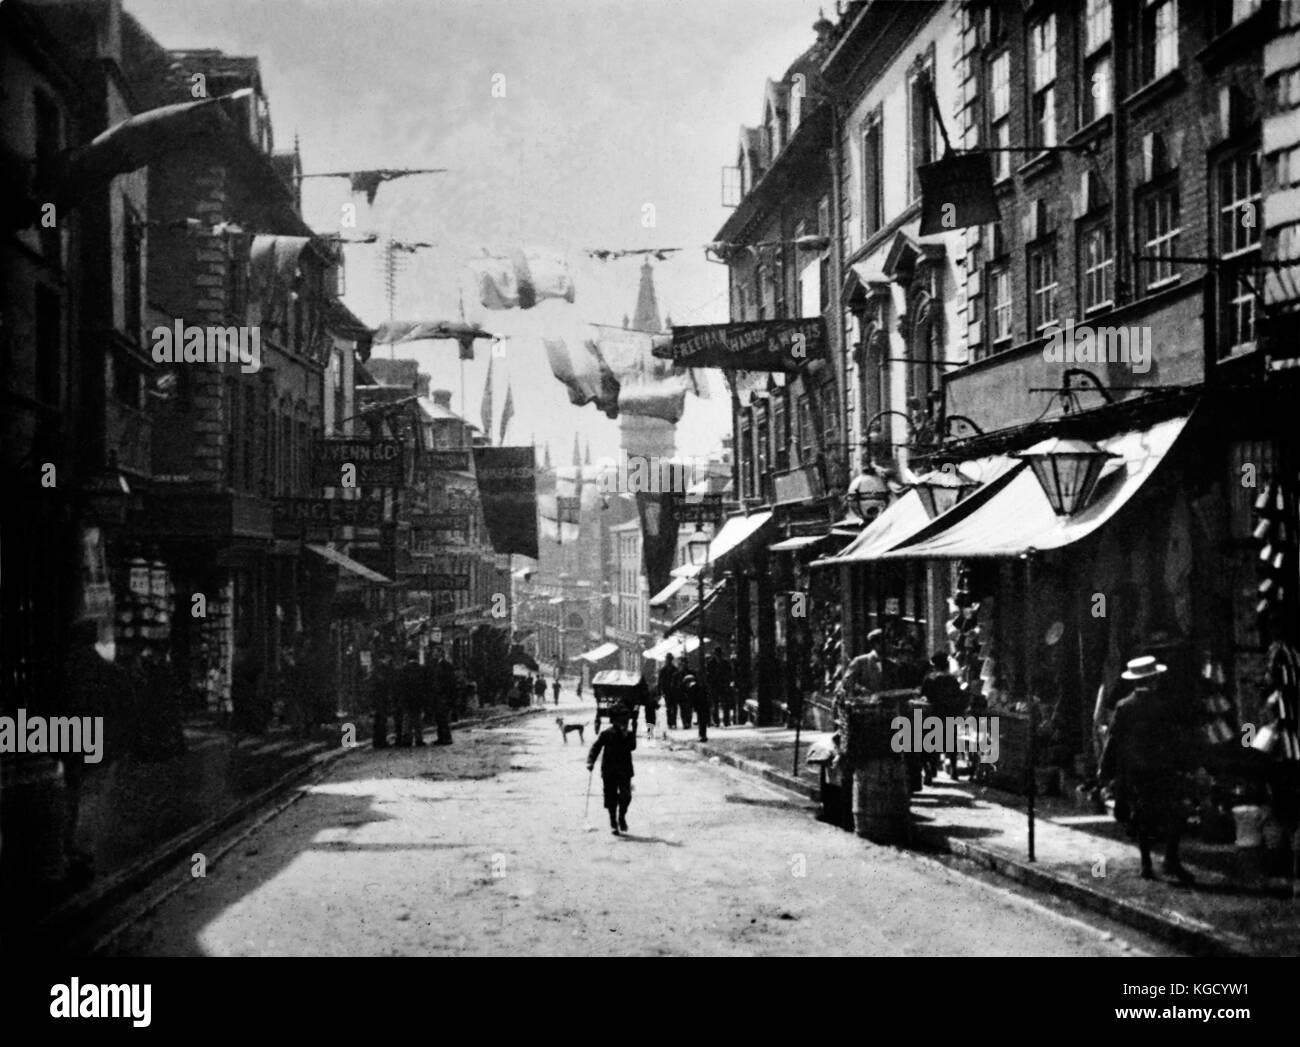 Shropshire imágenes históricas en el Reino Unido, las fotografías de otro siglo. Histórica perdida Imagen De Stock